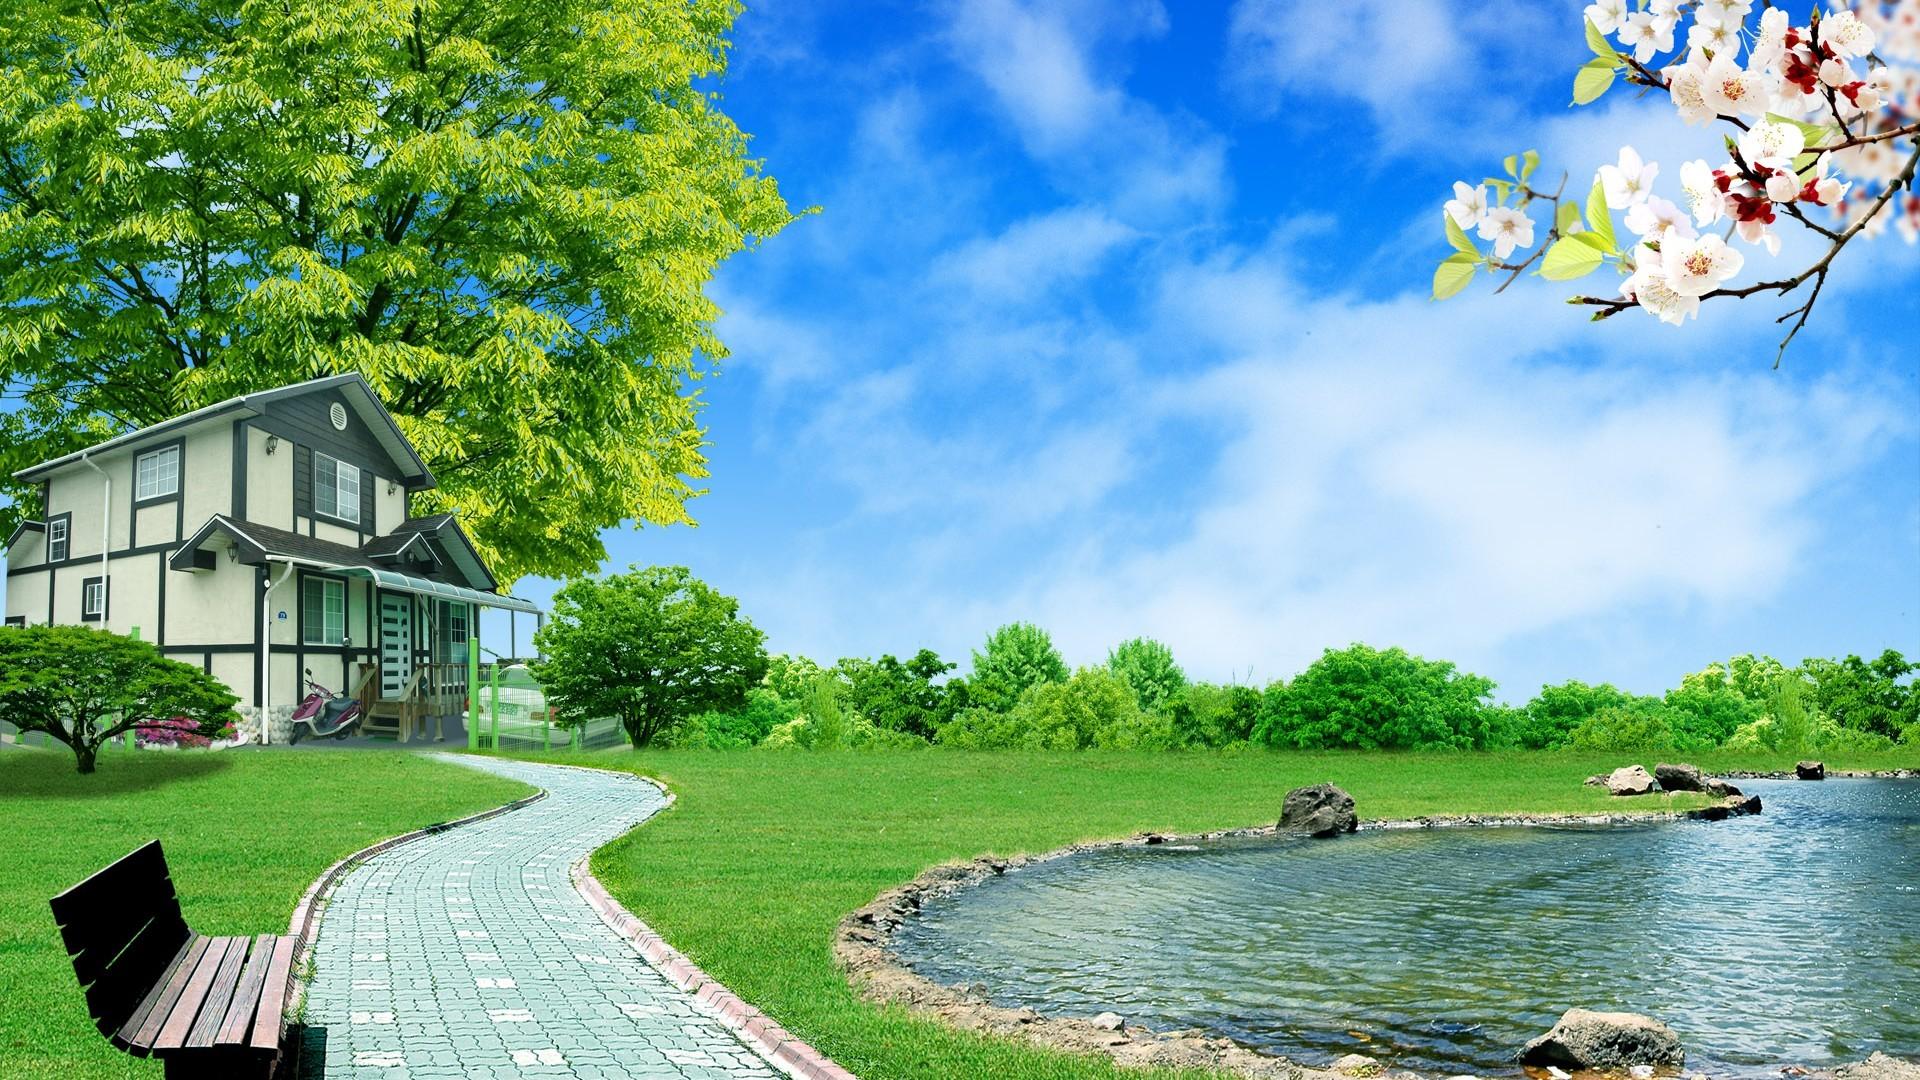 Nature 3D Wallpaper Image Pics